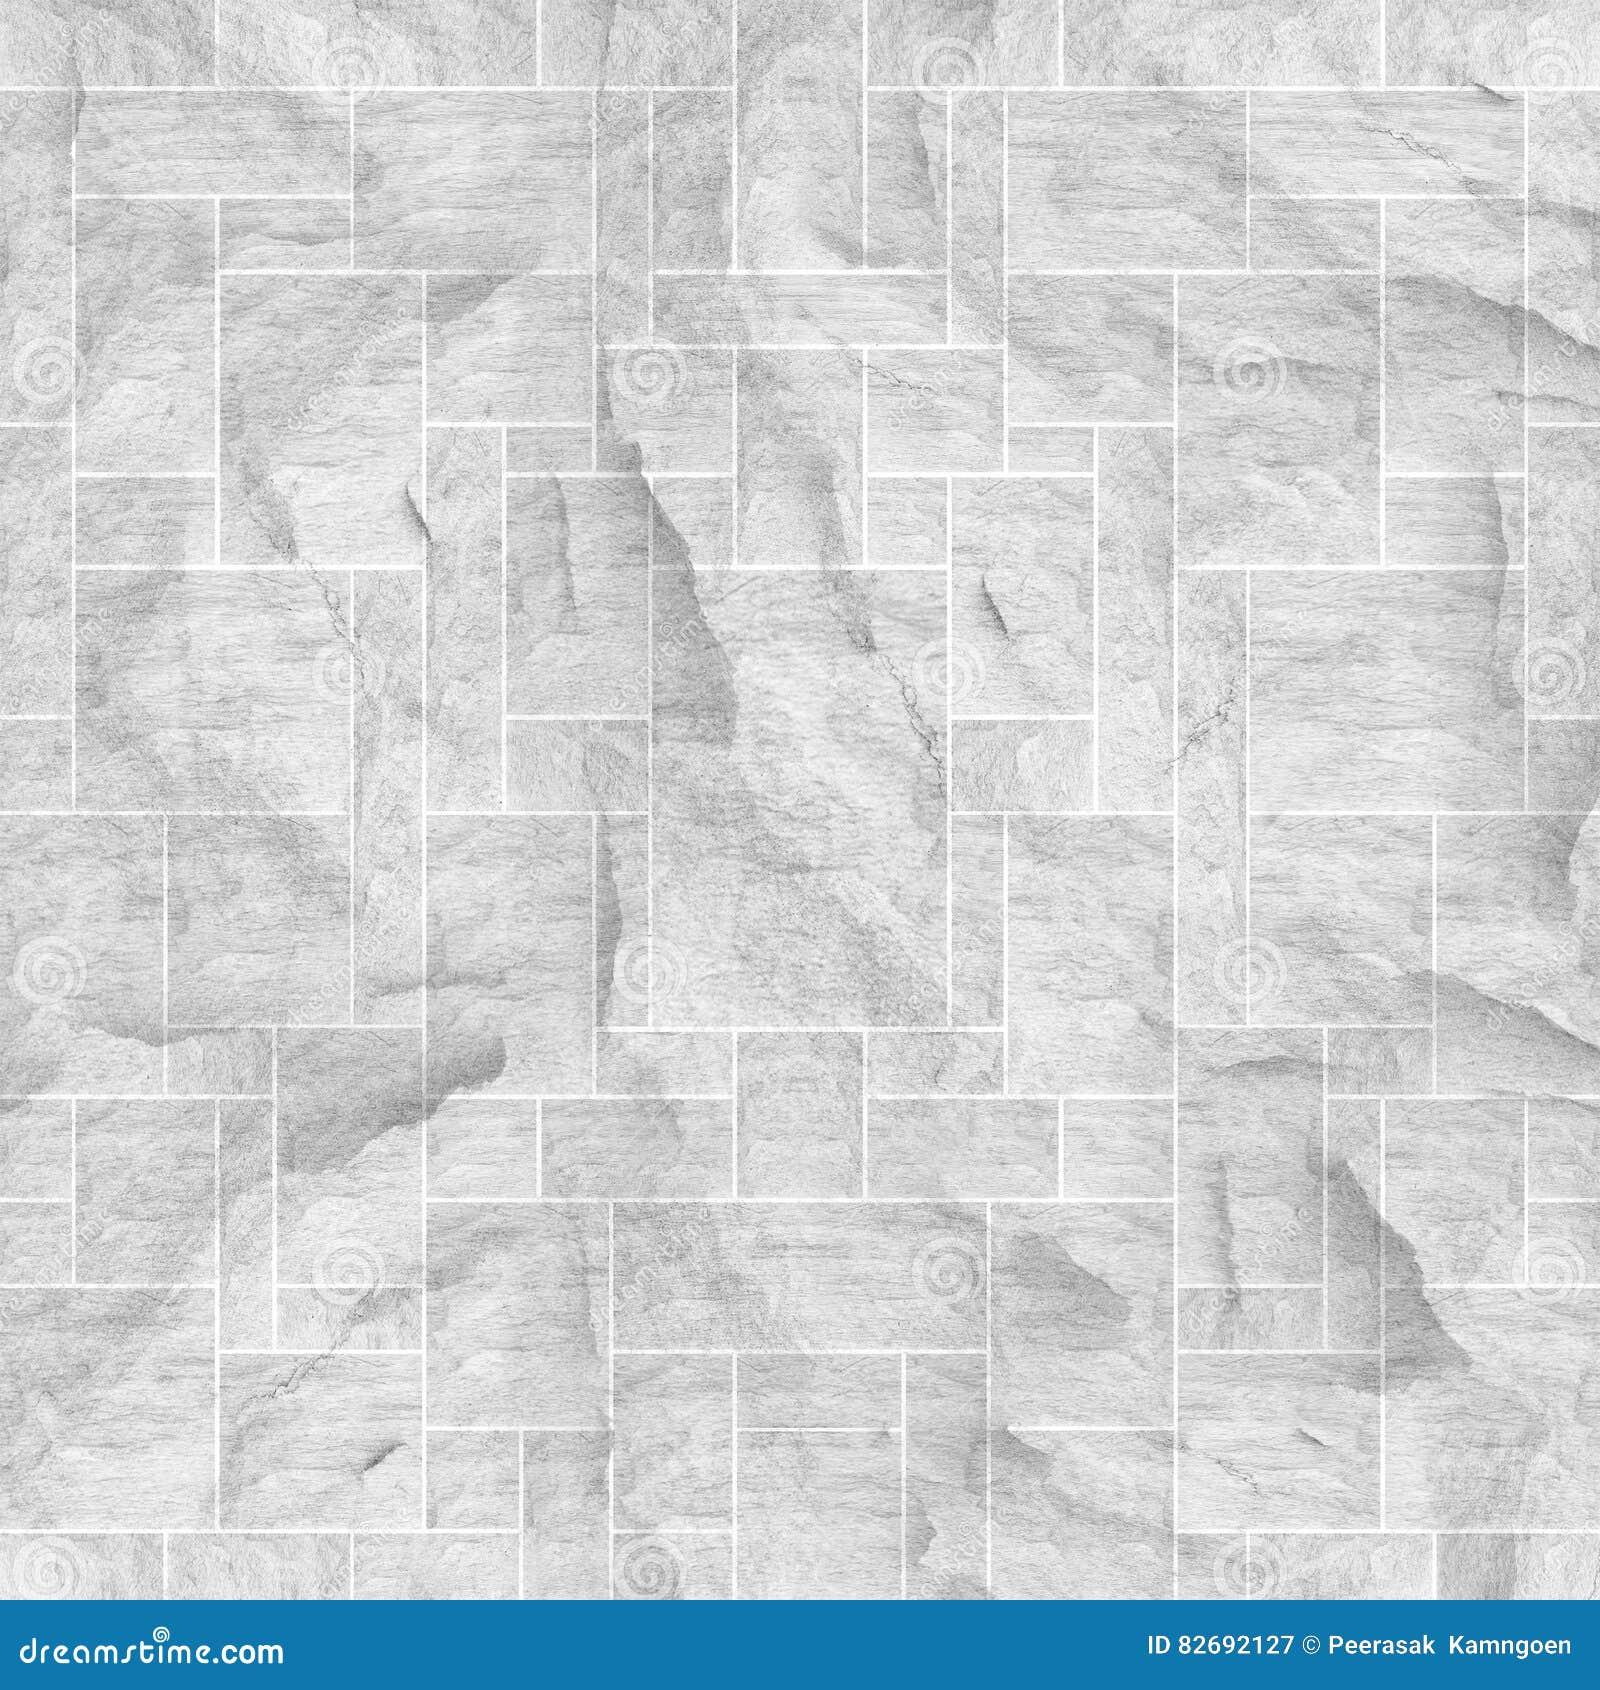 Cool Muster Wand Dekoration Von Pattern Der Modernen Weißen Oberfläche Und Beschaffenheit